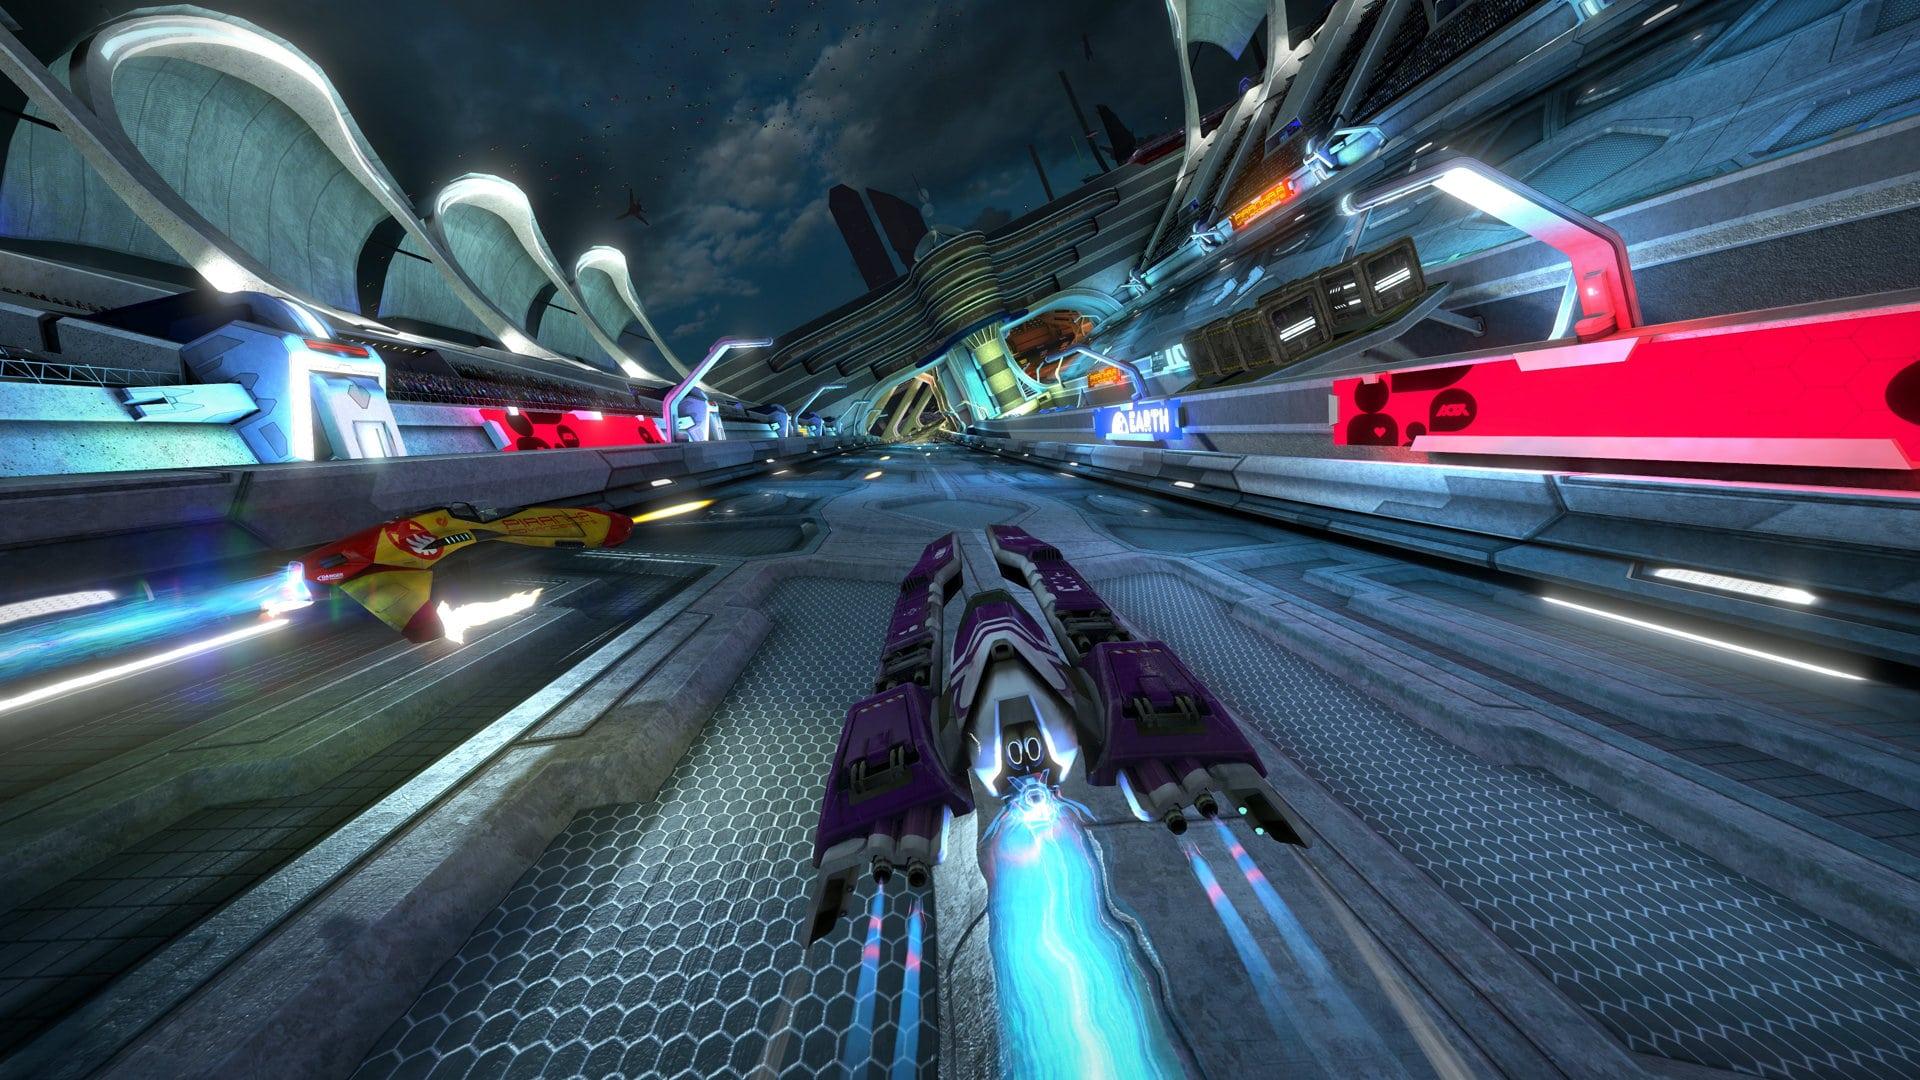 Se anuncia el nuevo juego WipEout ... para dispositivos móviles, GamersRD